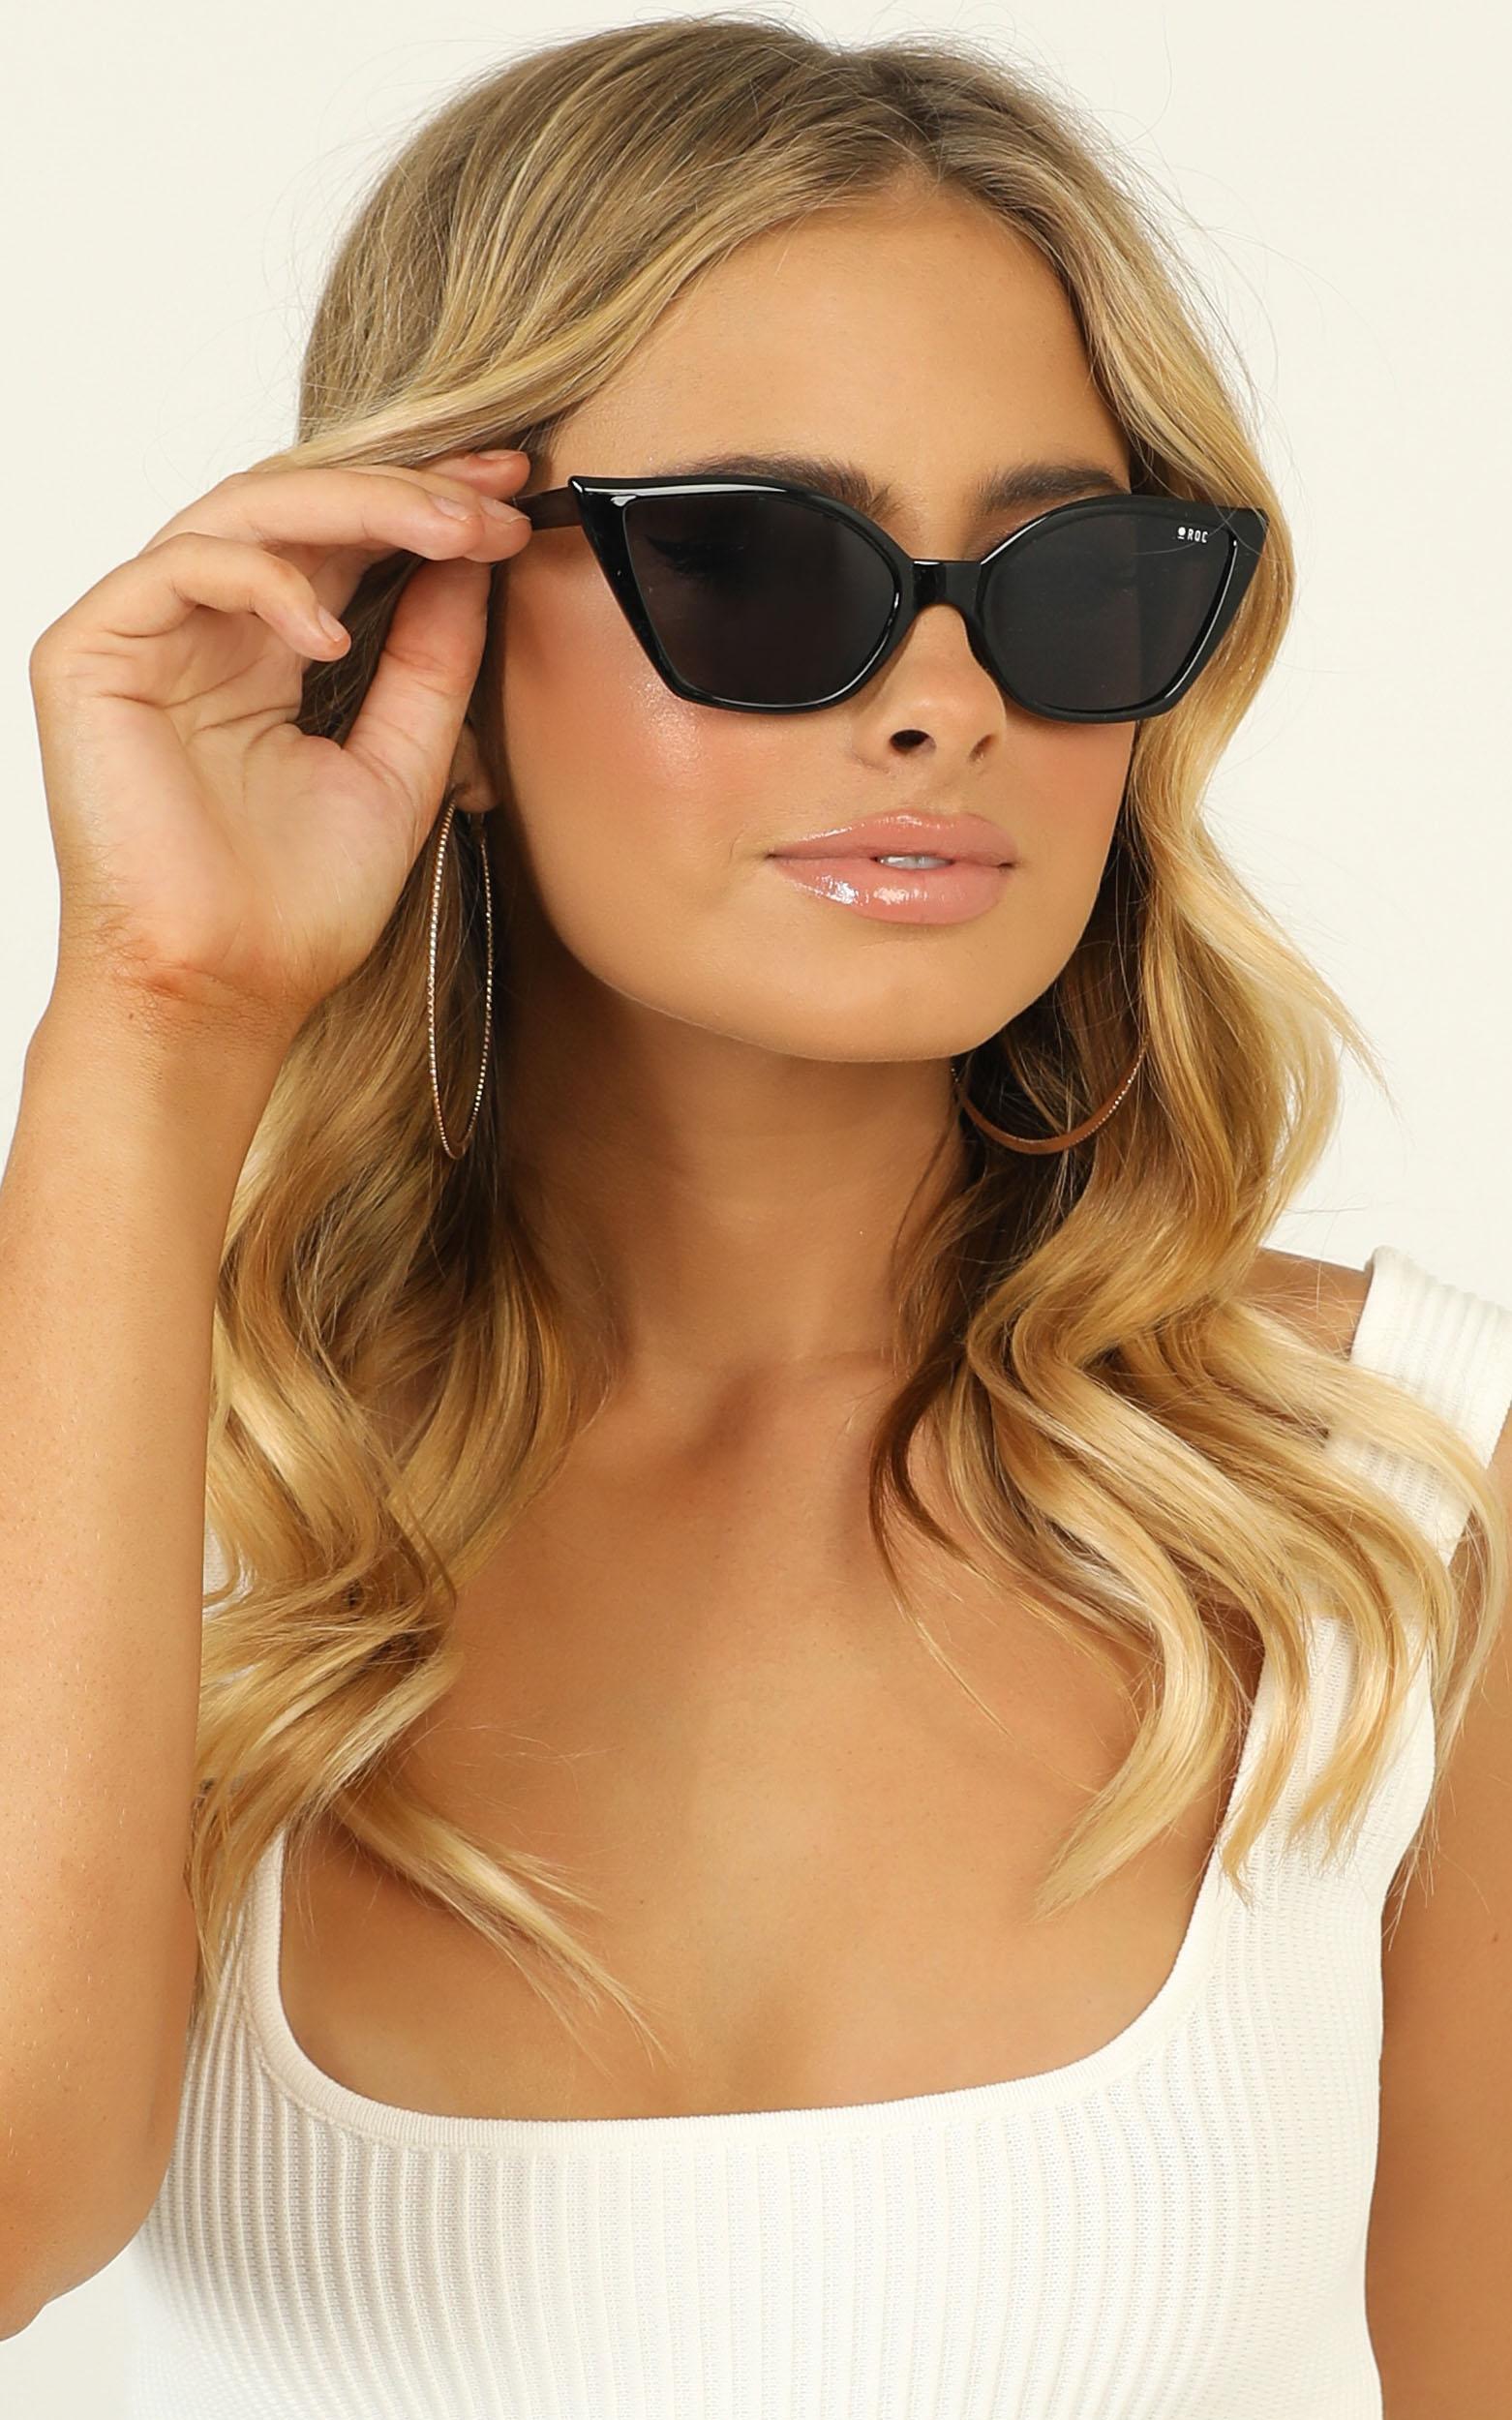 Roc - Gemini Sunglasses In Black, , hi-res image number null